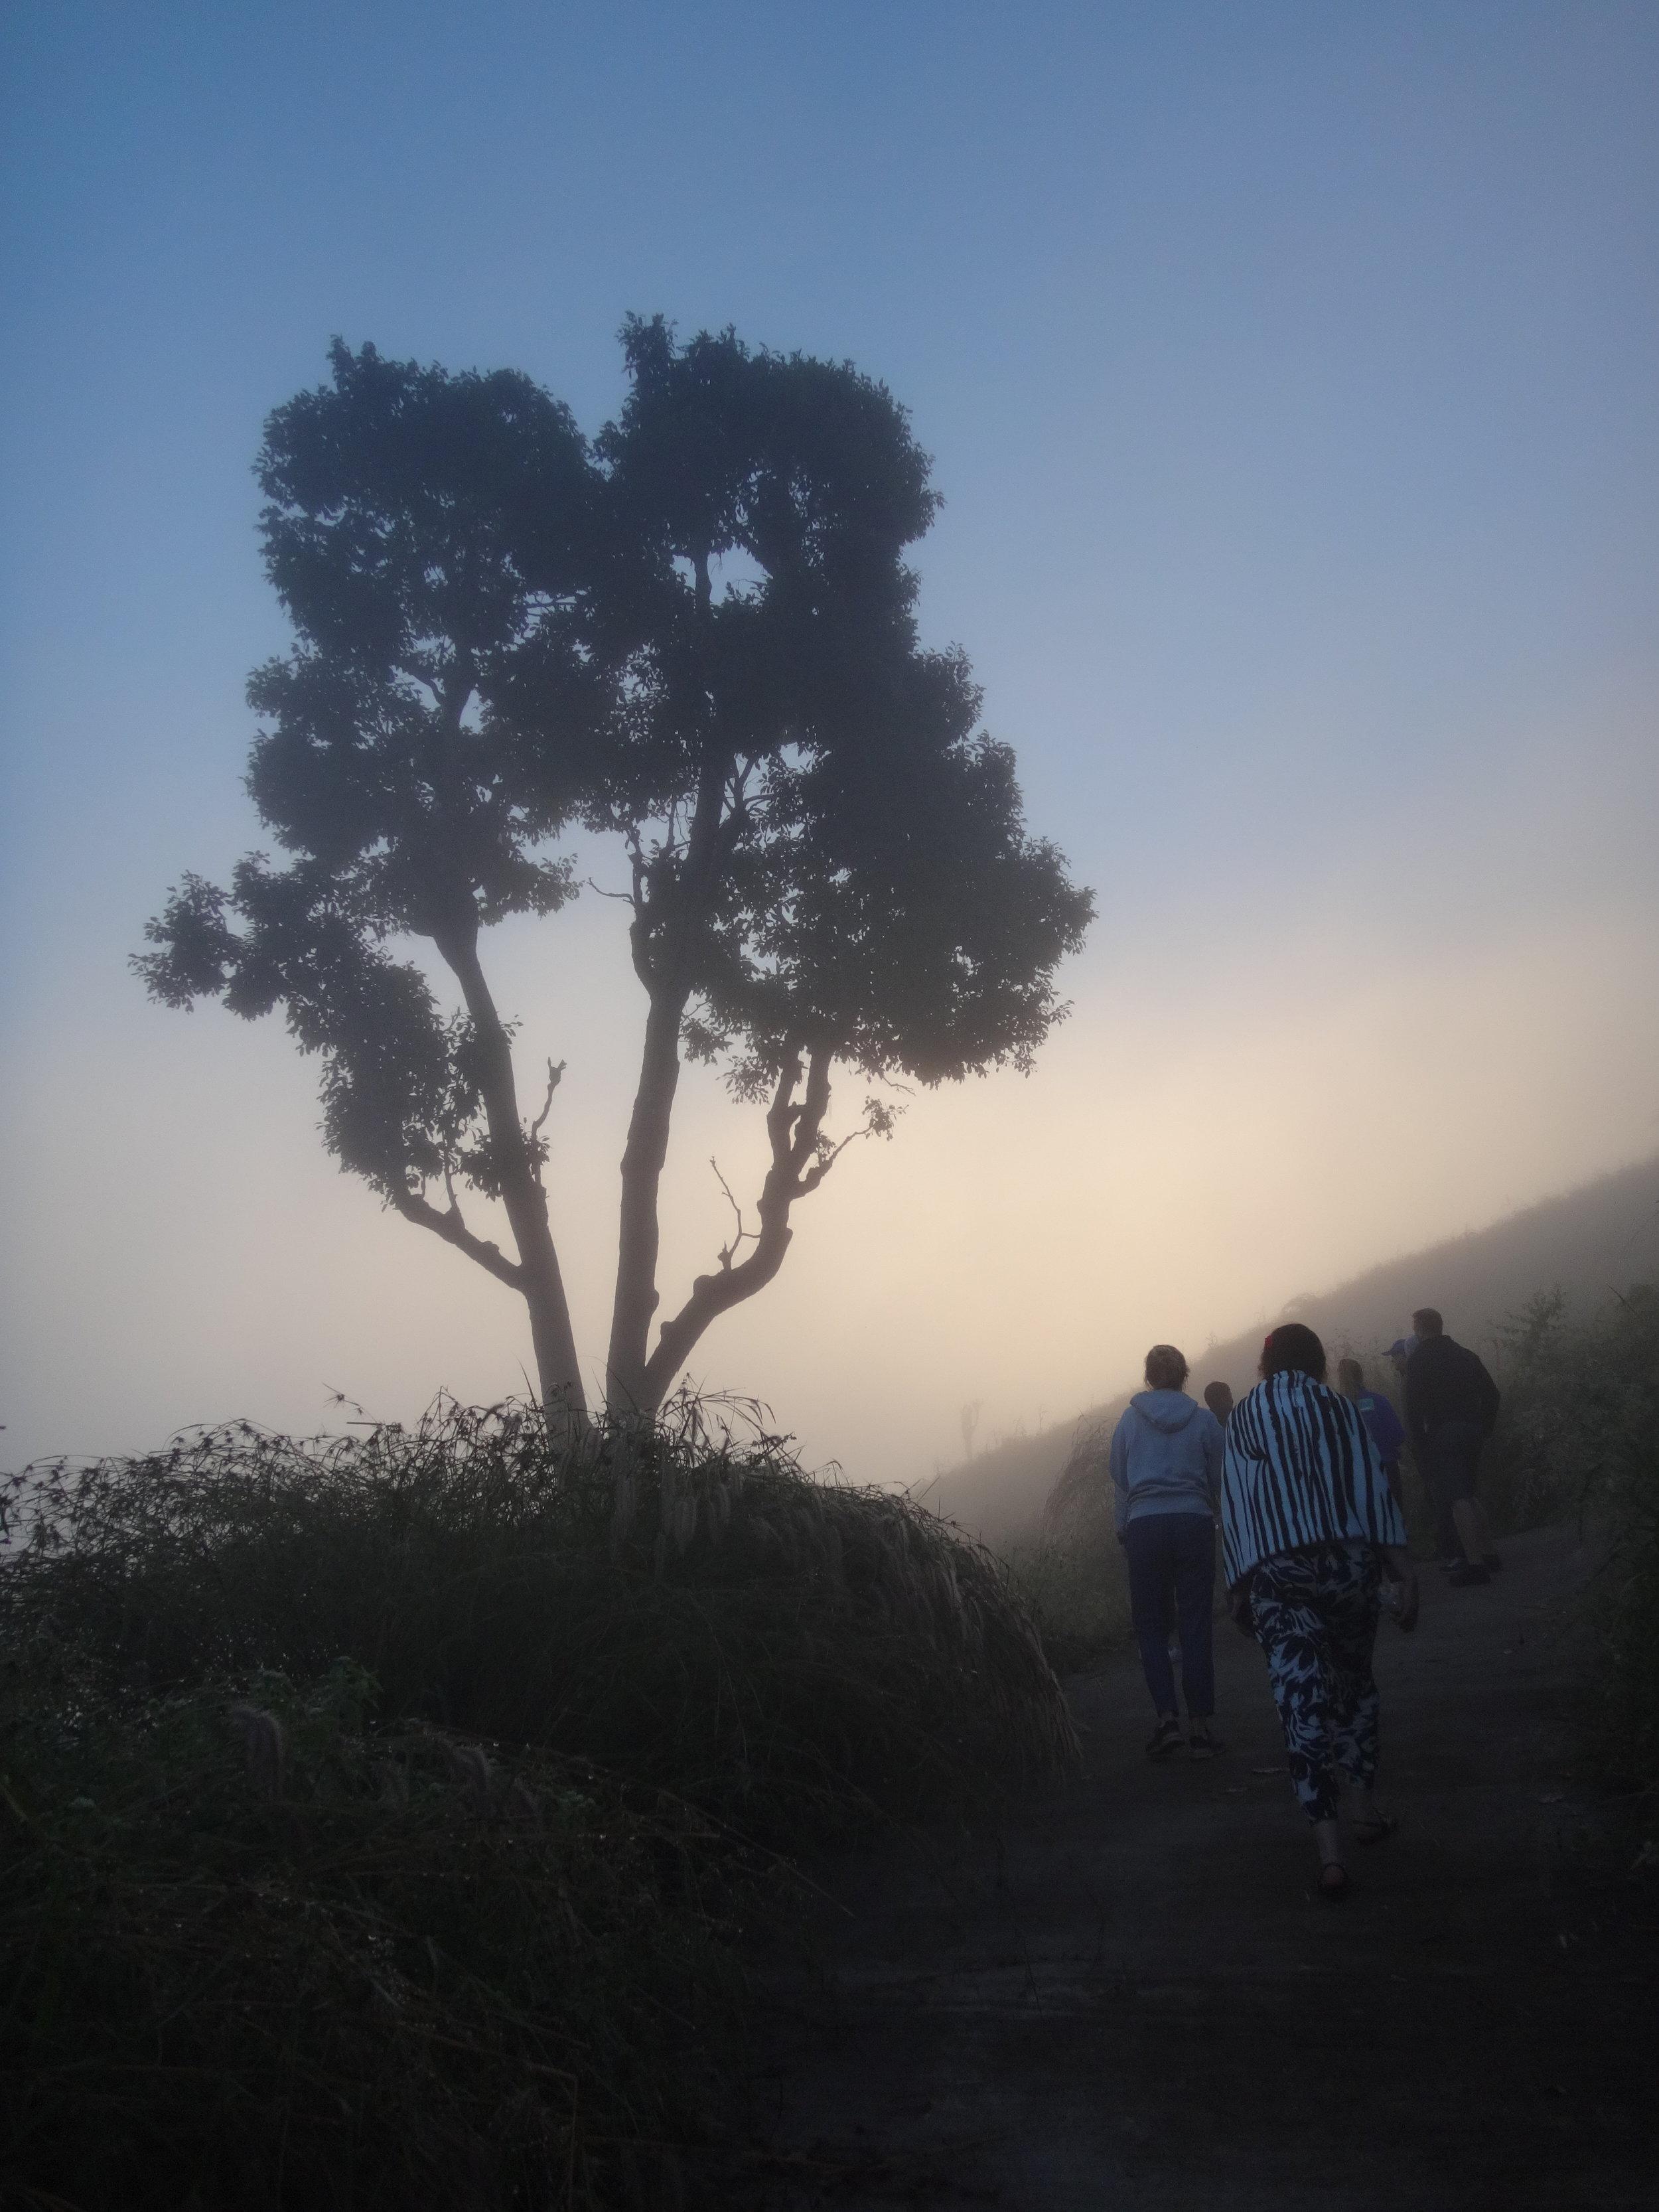 Ensimmäisenä vuoristoaamuna kiipesimme 6.30 katsomaan auringonnousua.